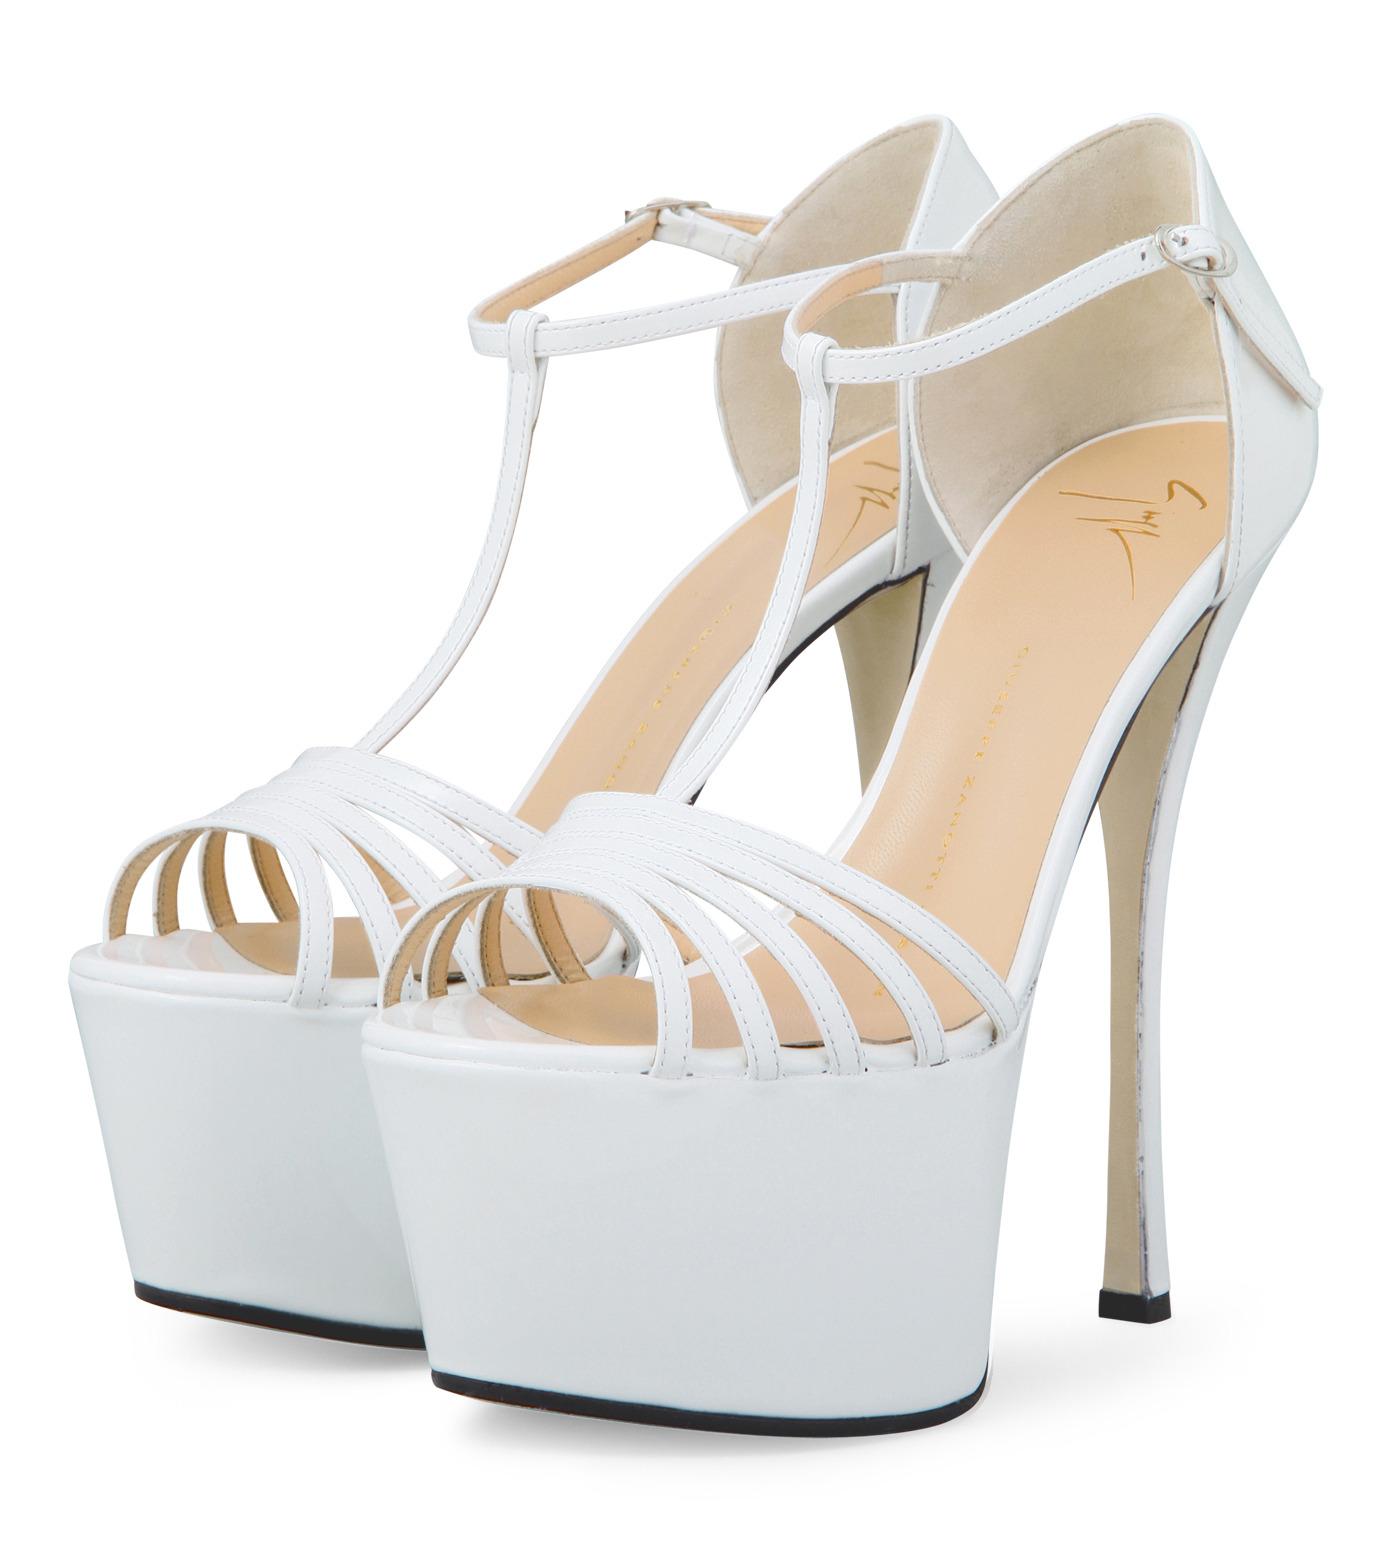 Giuseppe Zanotti Design(ジュゼッペザノッティ)のPlatform Sandal-WHITE-E30243-4 拡大詳細画像3